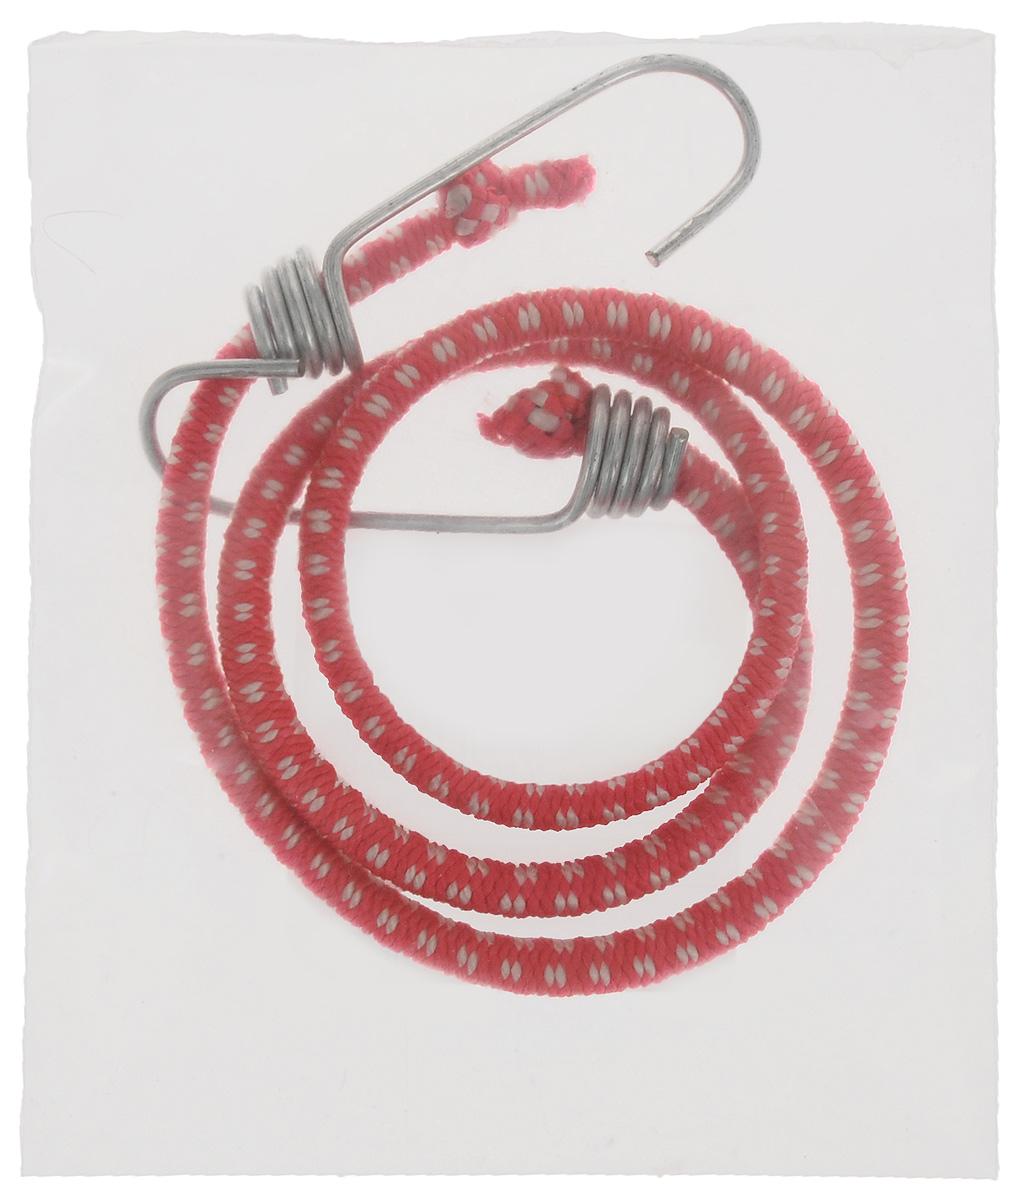 Резинка багажная МастерПроф, с крючками, цвет: красный, белый, 0,6 х 80 см.АС.020021_красный, белый